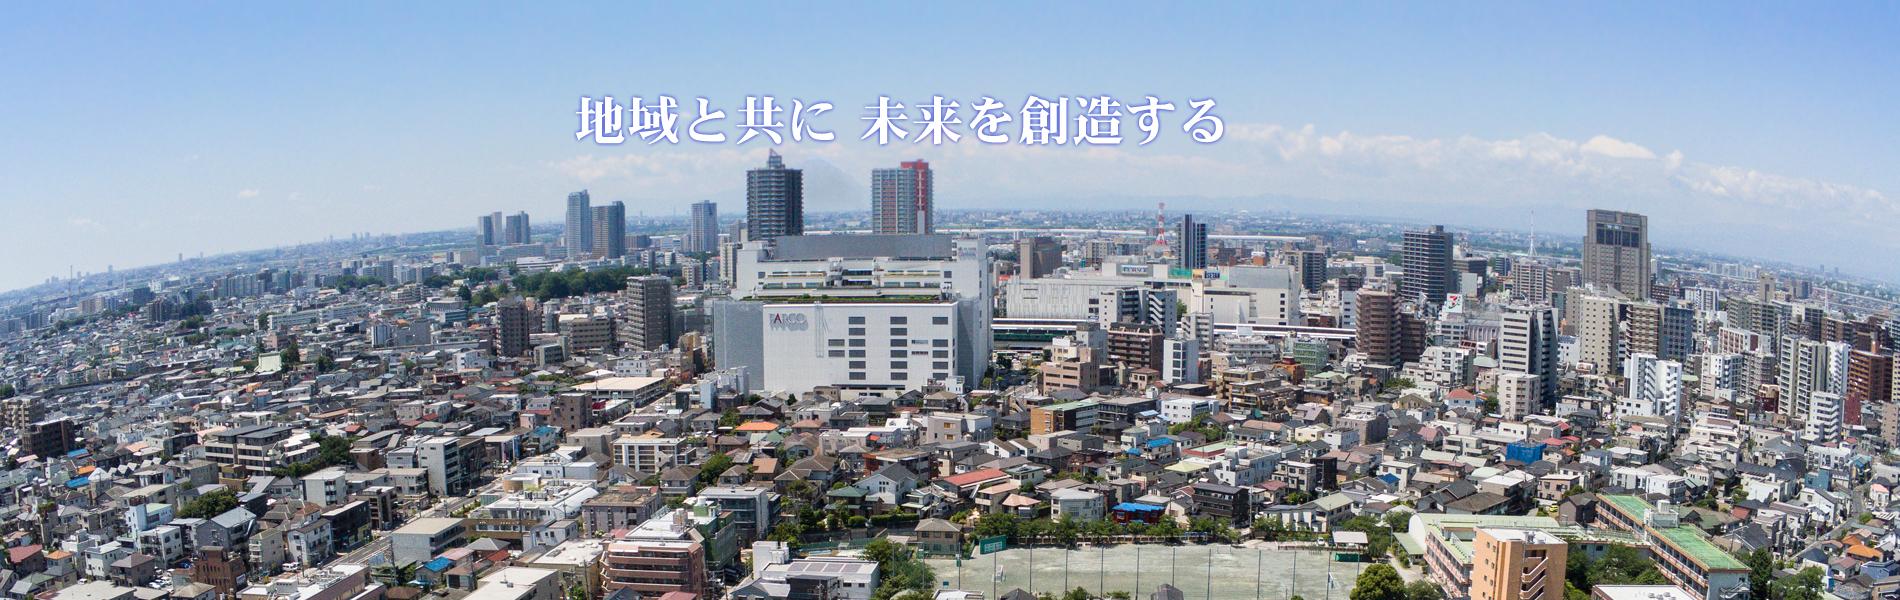 さいたま市建築土木リフォーム日清建設株式会社